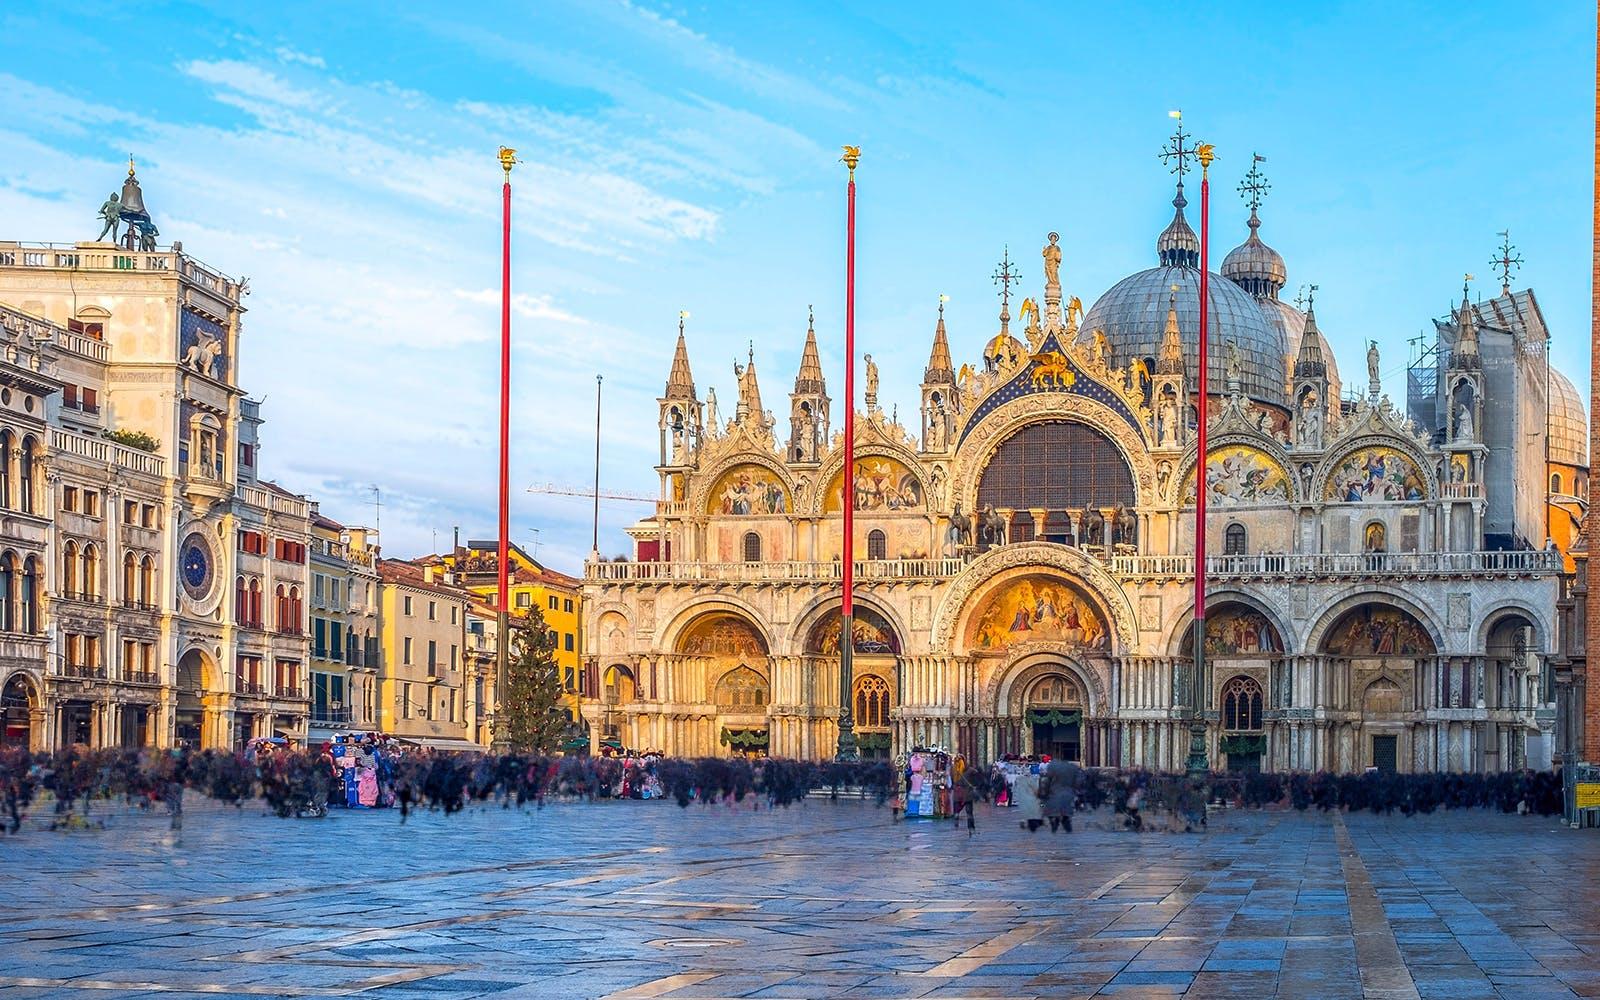 Ảnh nhà thờ Basilica di San Marco, Venice